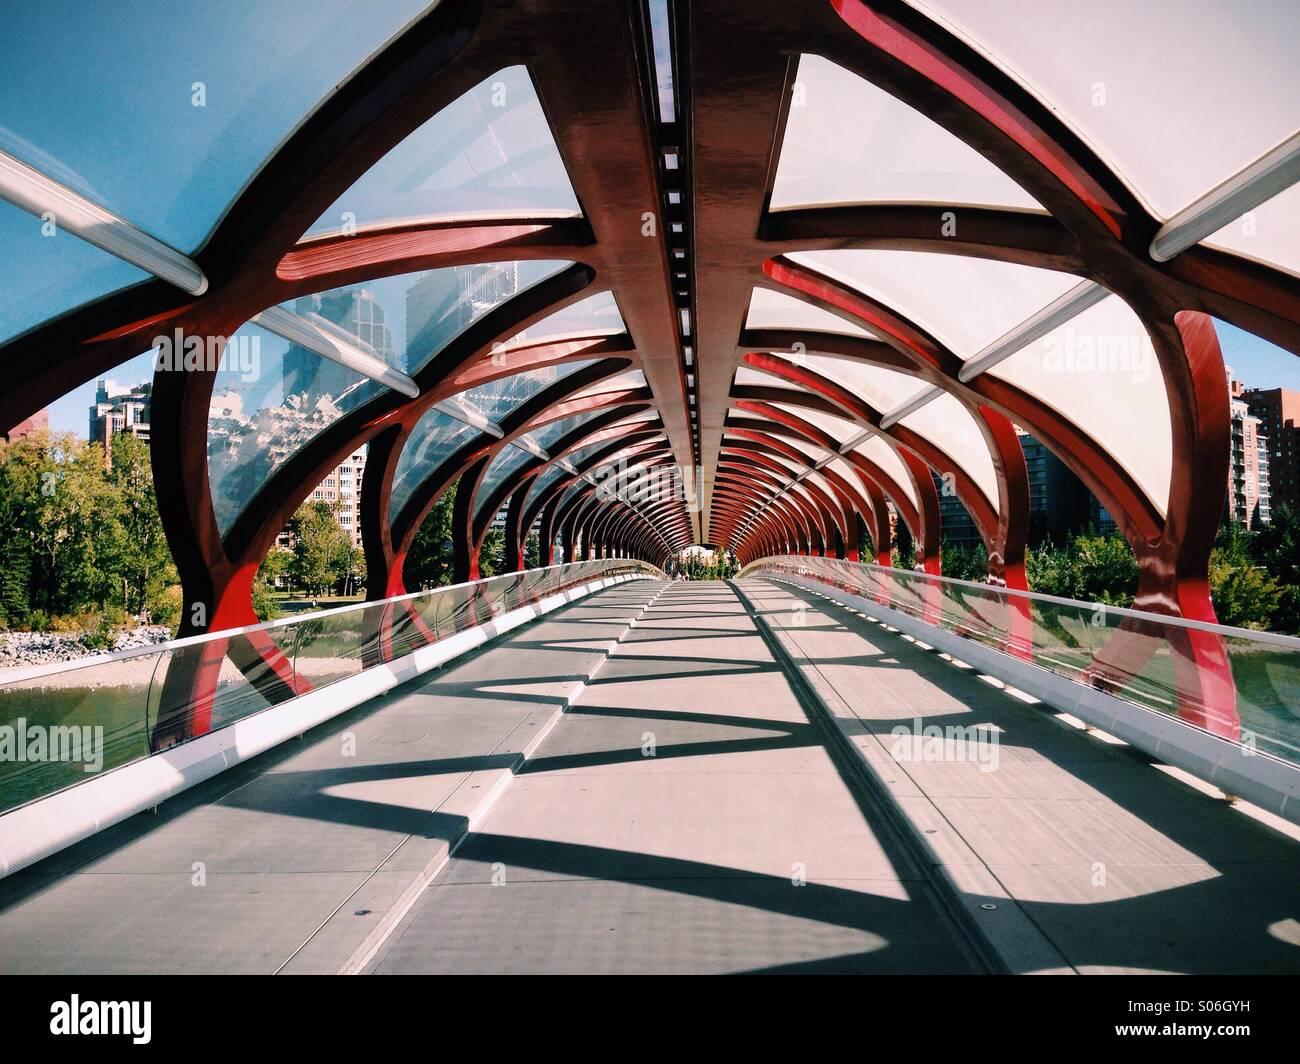 A la fin de l'après-midi d'été sur le pont de la Paix à Calgary, Alberta Canada Photo Stock